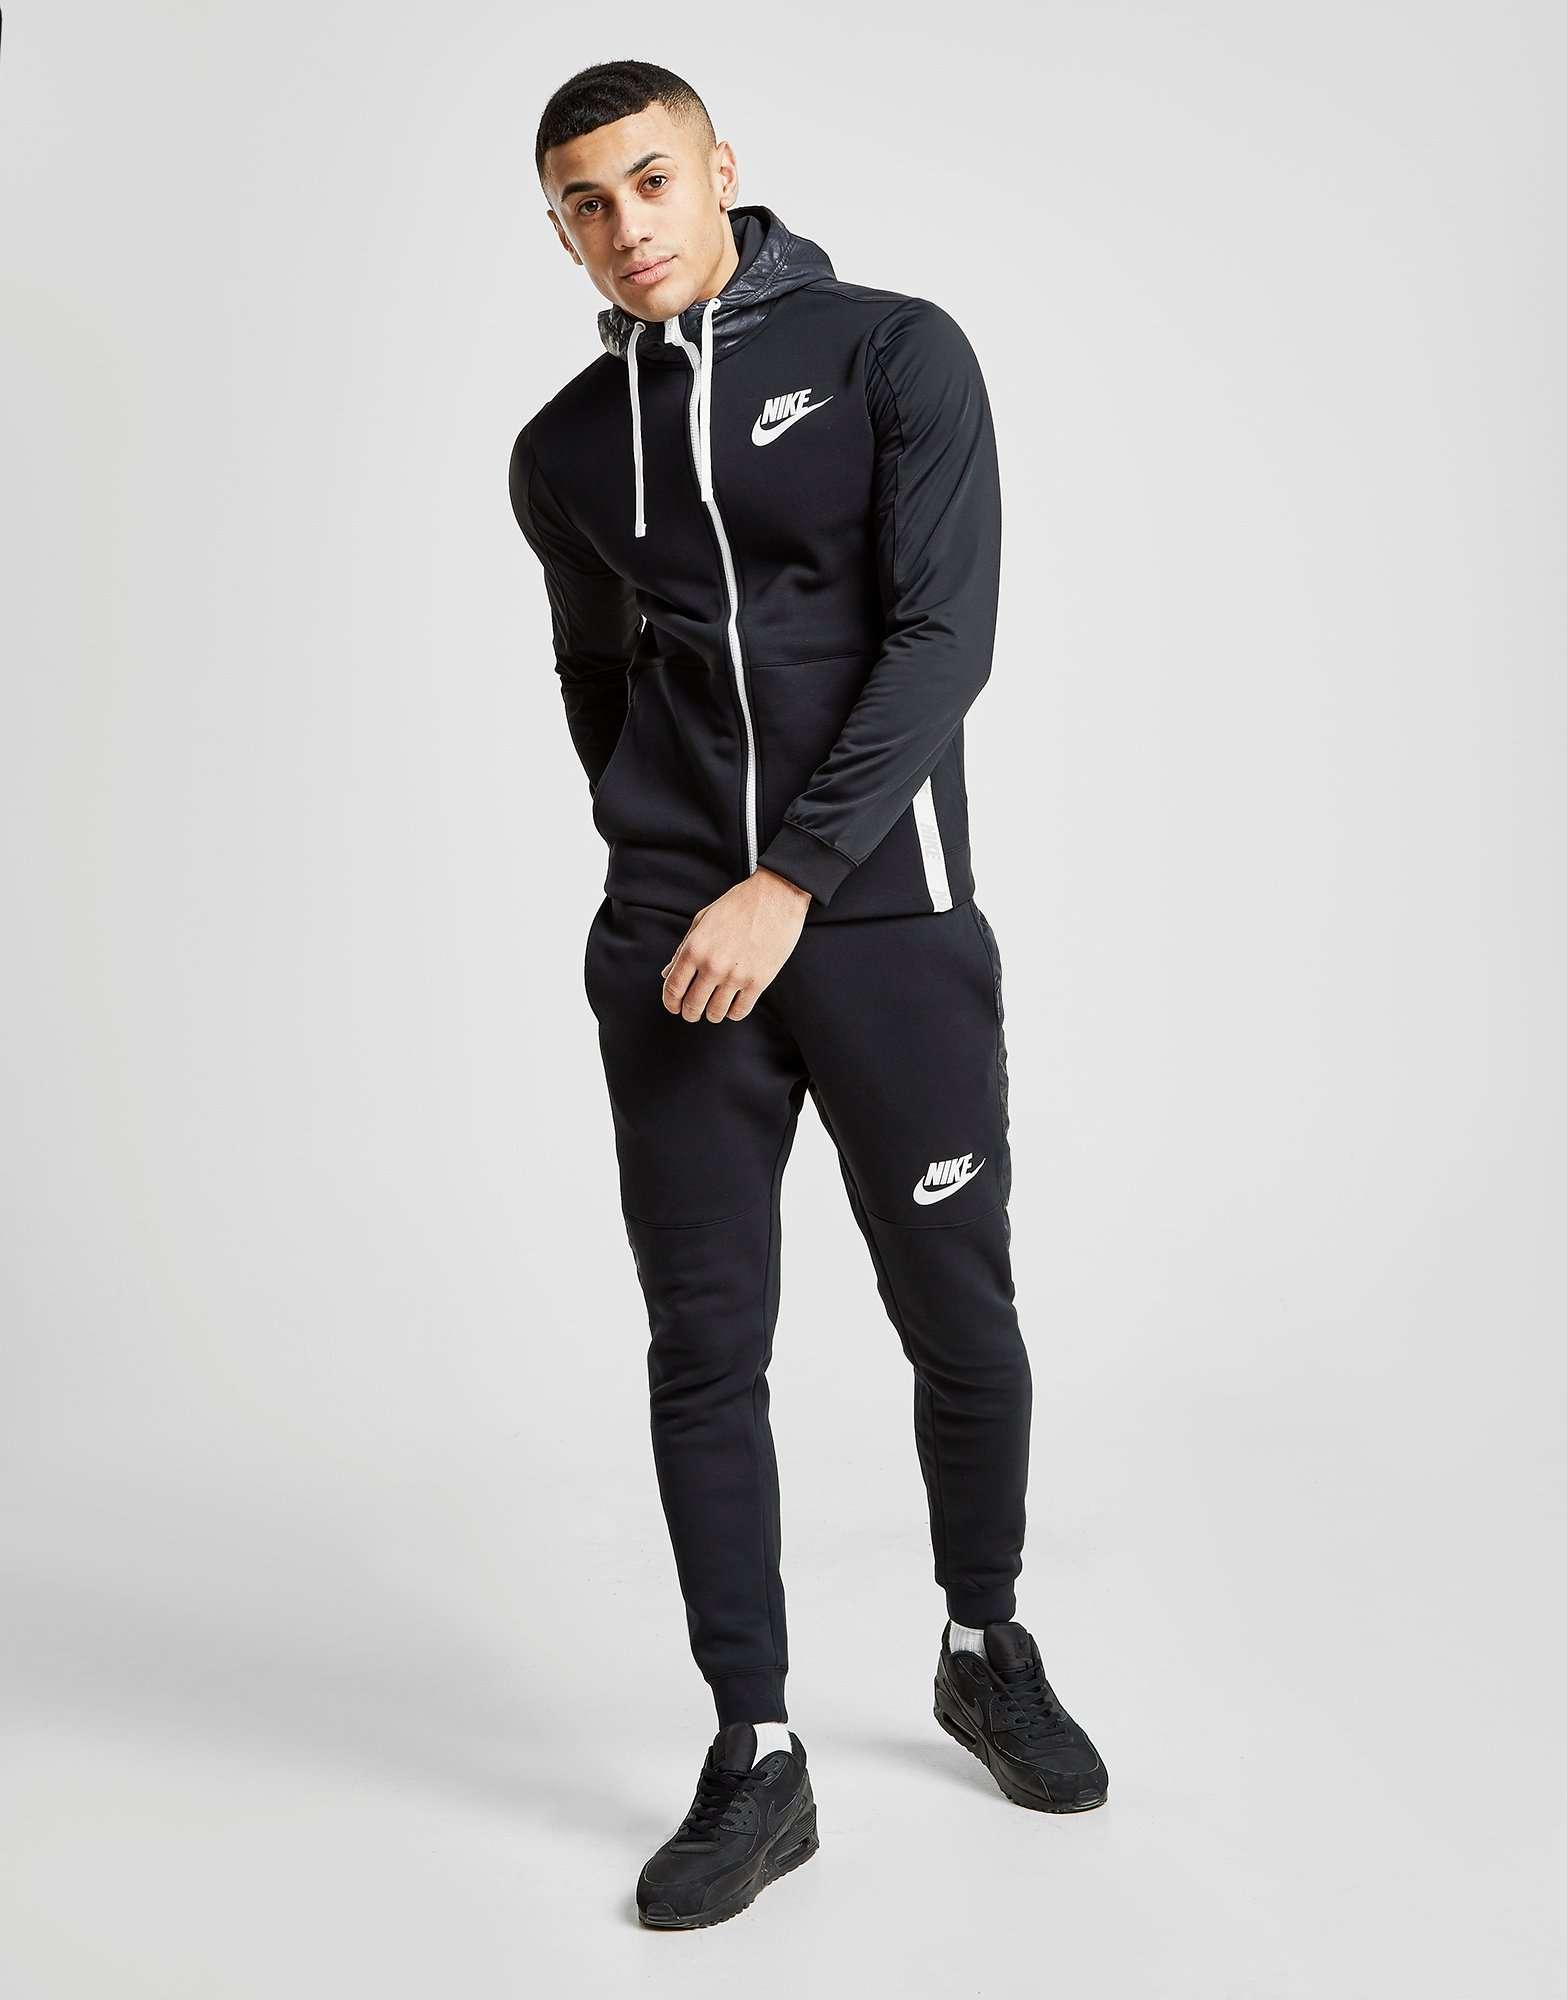 Nike Hybrid Fleece Joggers by Jd Sports